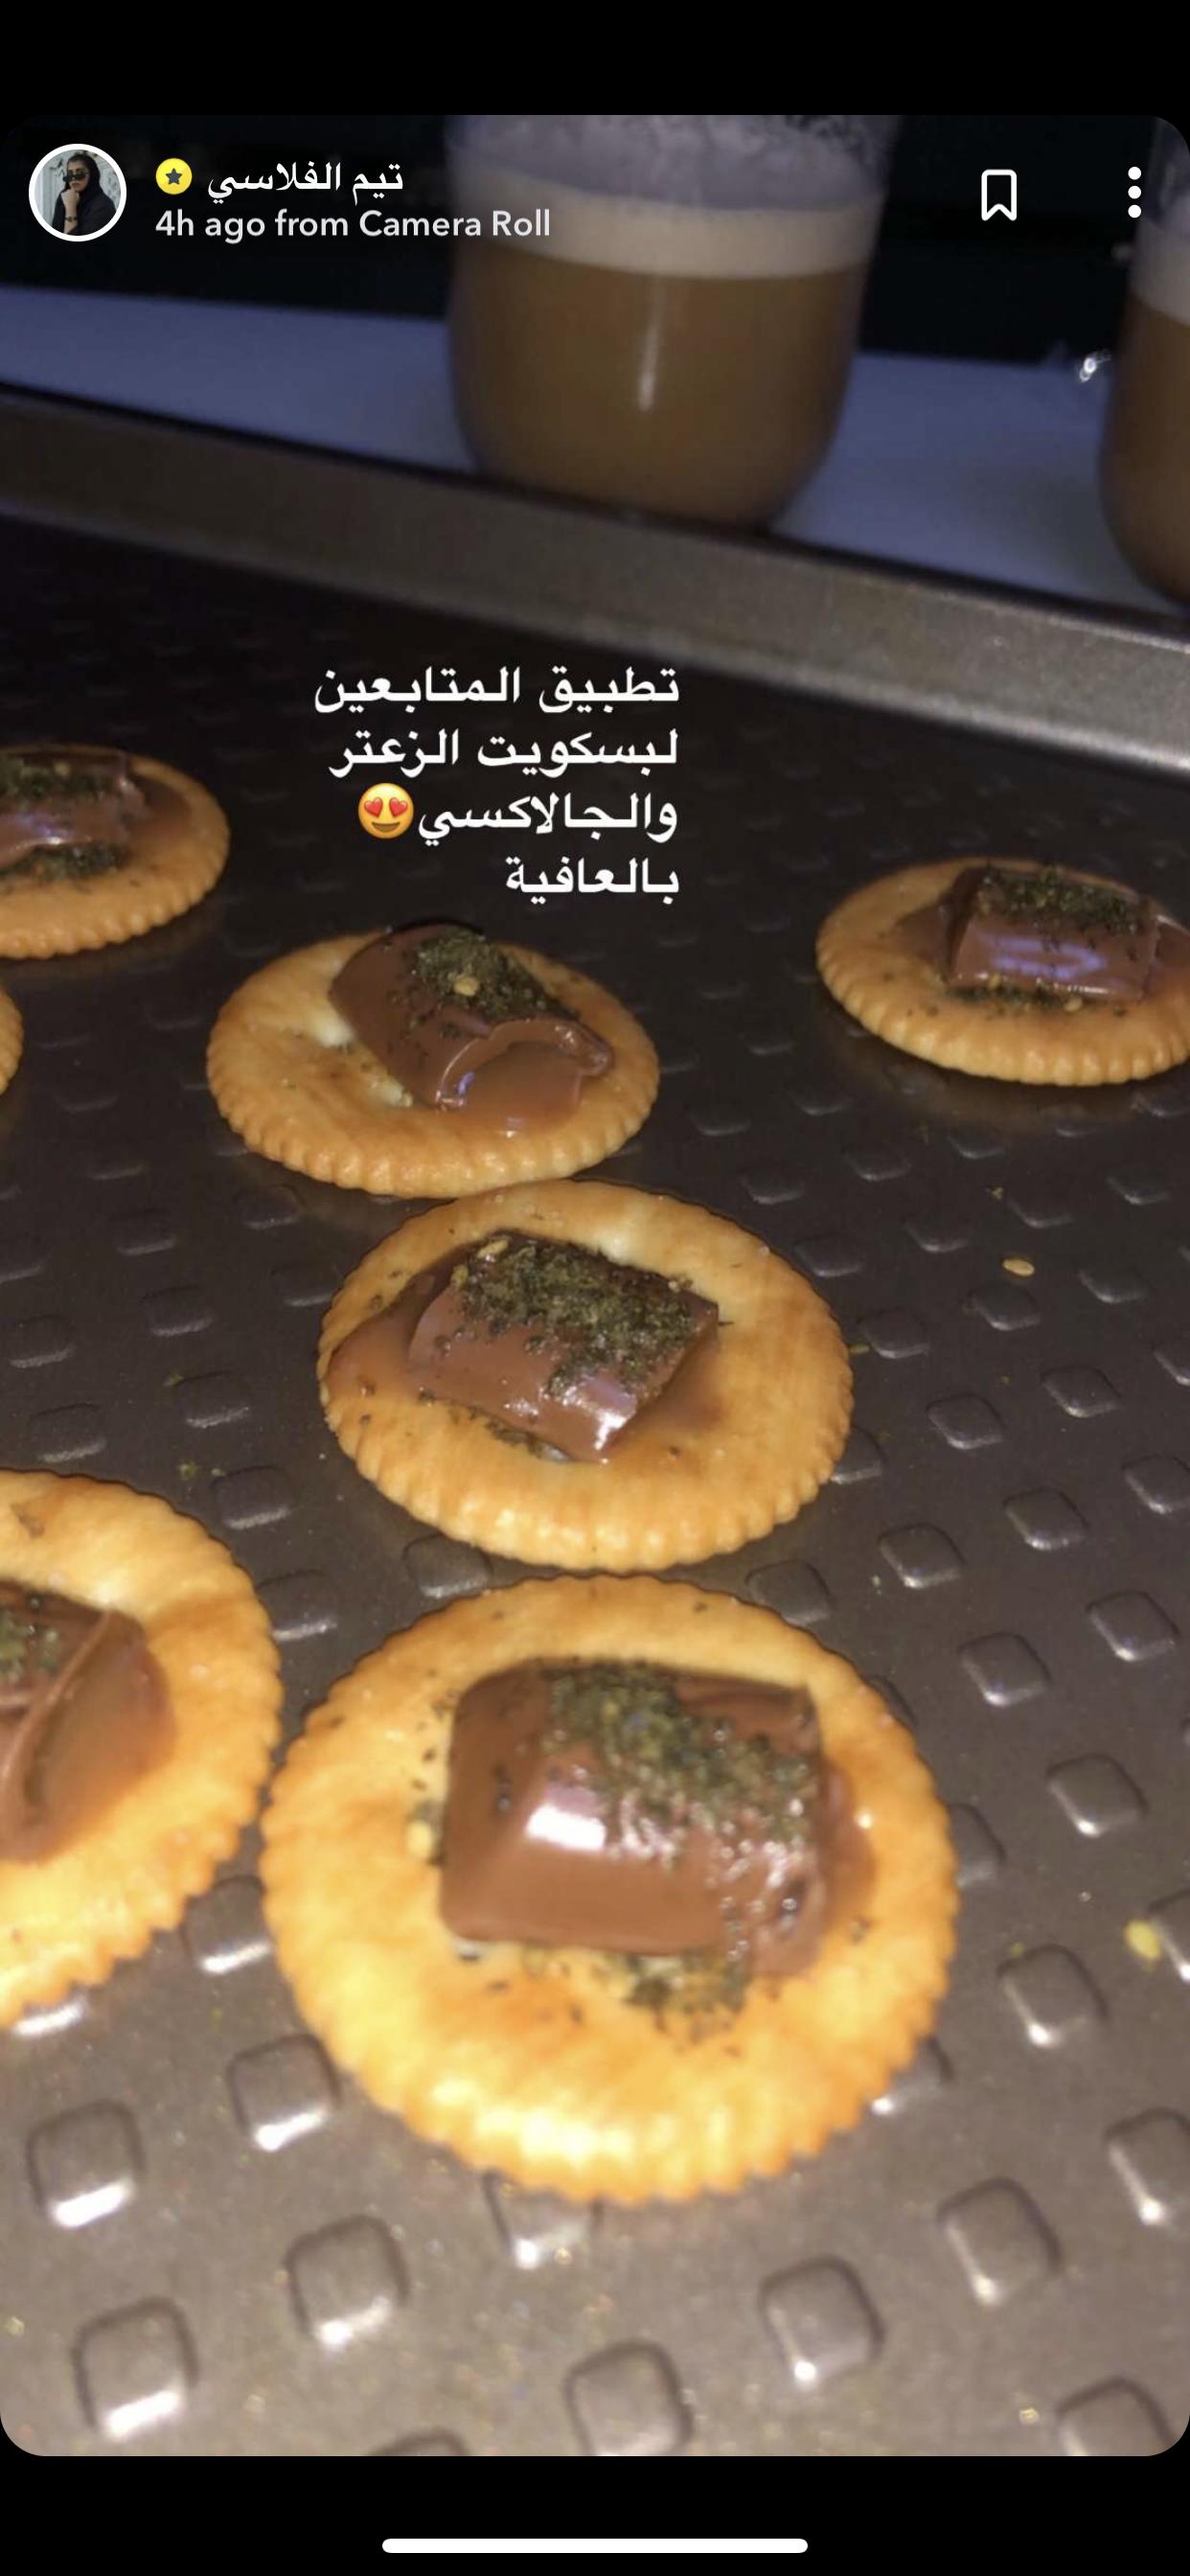 حلا البسكوت المالح مع جالكسي كراميل وزعتر Food Receipes Cake Recipes Food